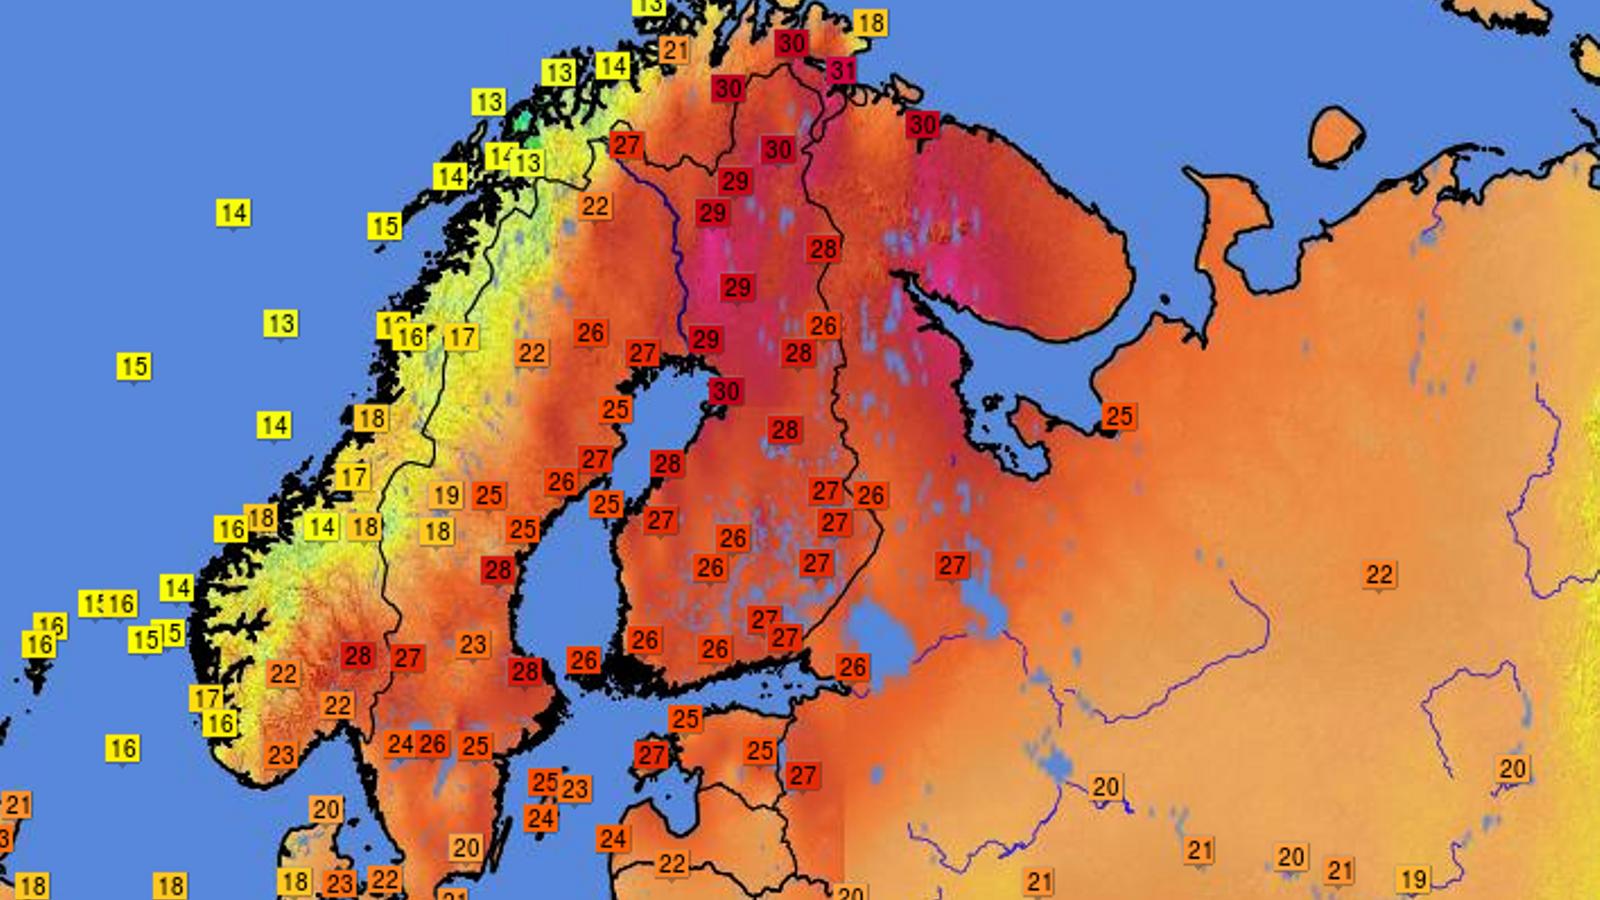 30 graus a tocar de l'Àrtic: Escandinàvia viu un juliol tòrrid